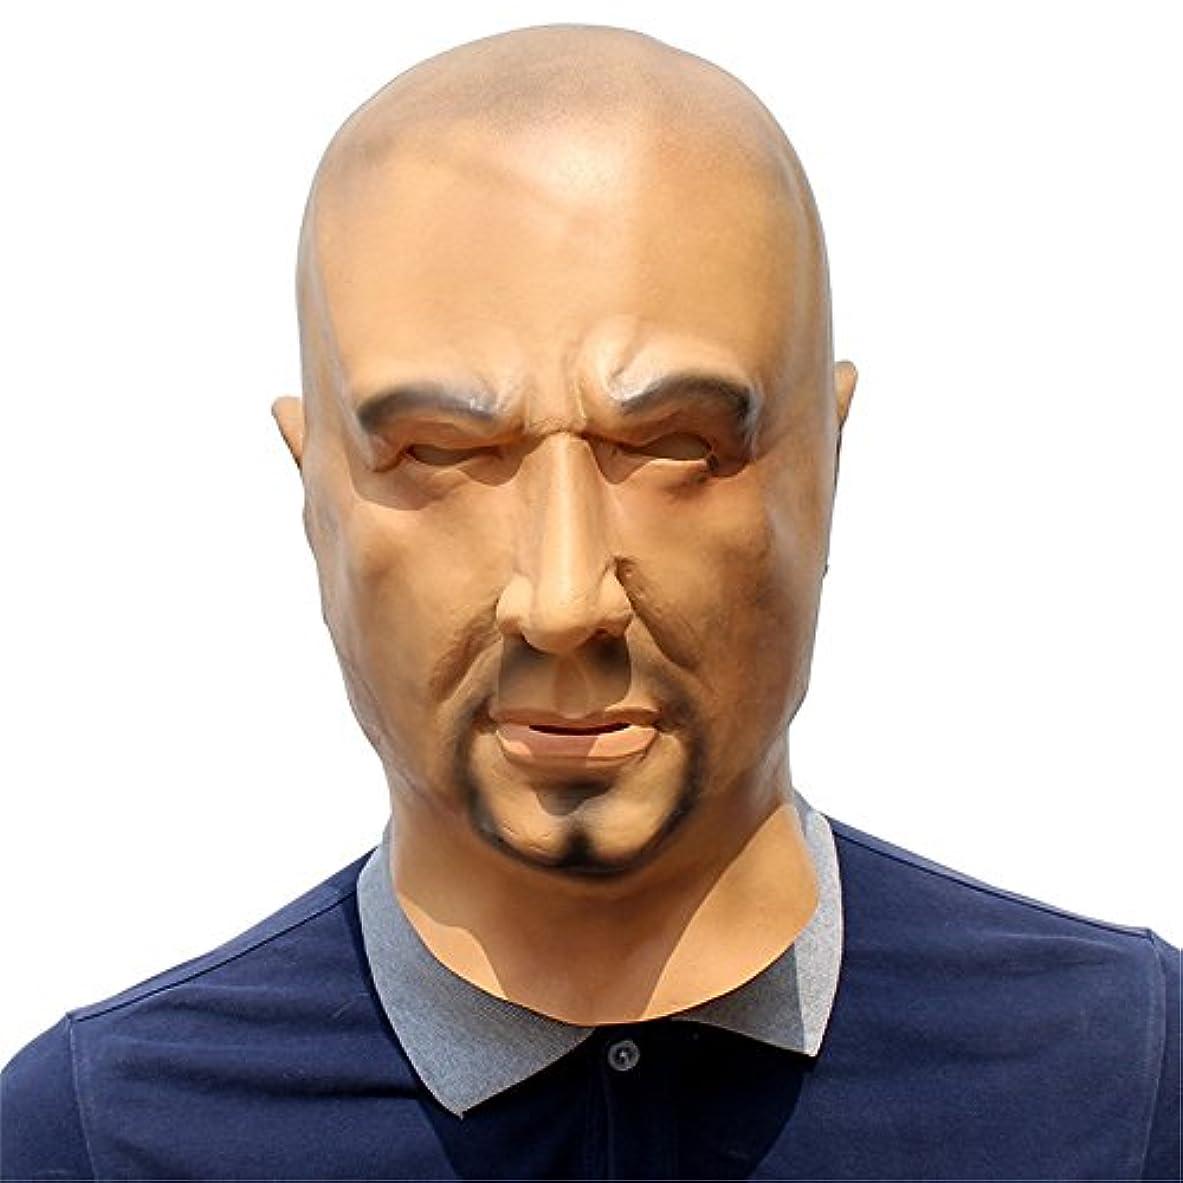 共役キャビン費用ハロウィーンマッドCOSはフェイスマスクのトライアドラテックスマスクのロールプレイをドレスアップ